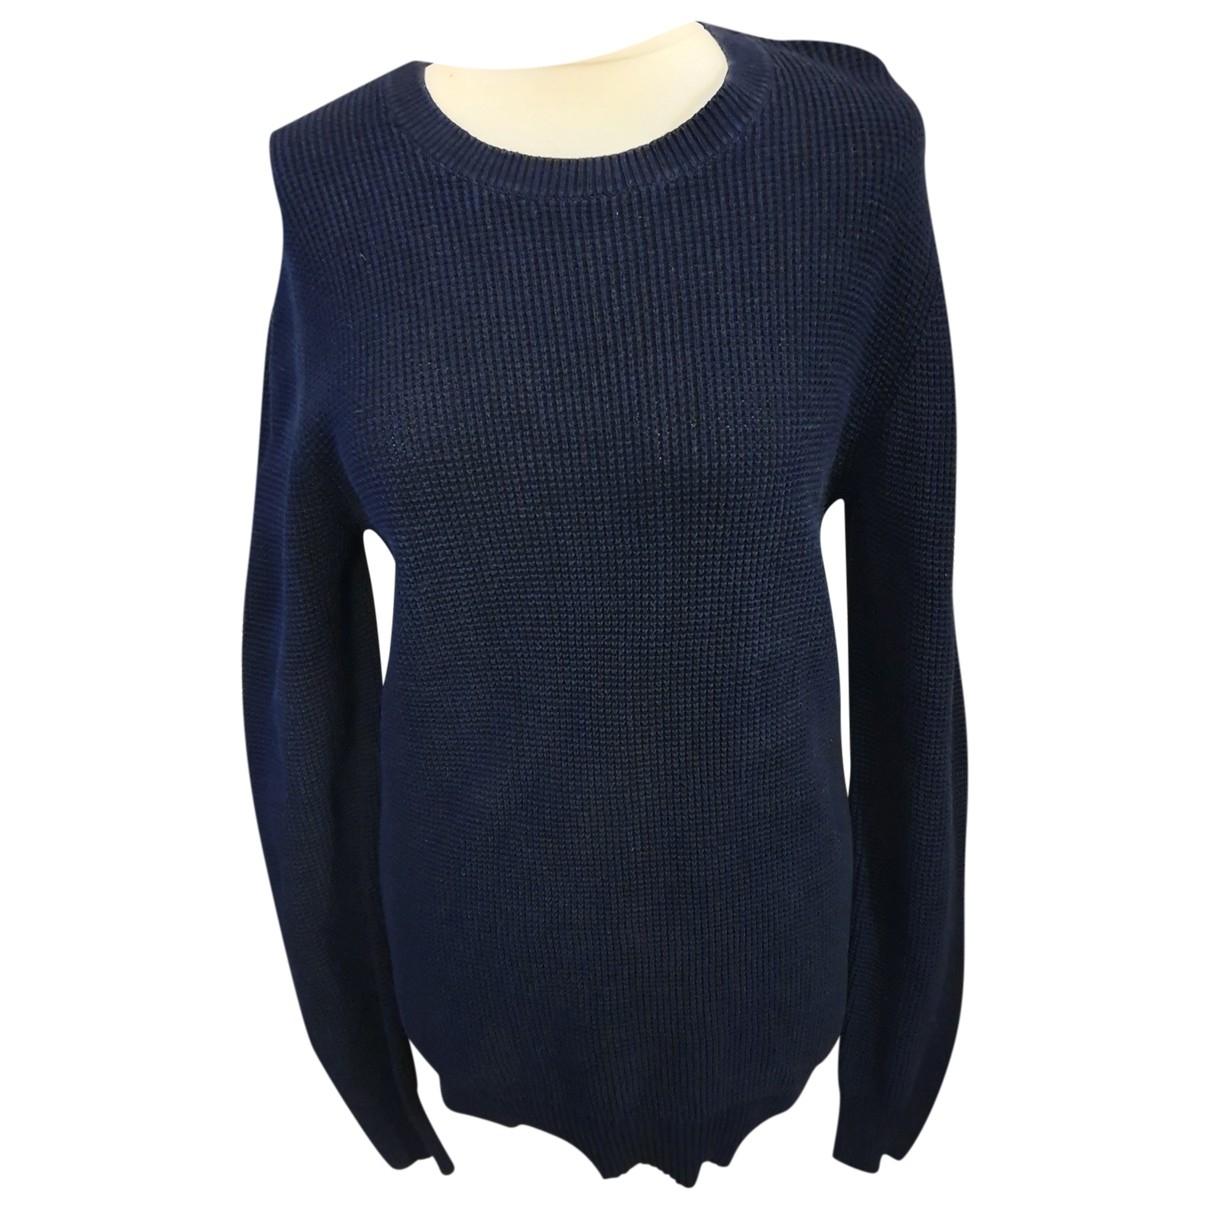 Reiss \N Navy Cotton Knitwear for Women M International